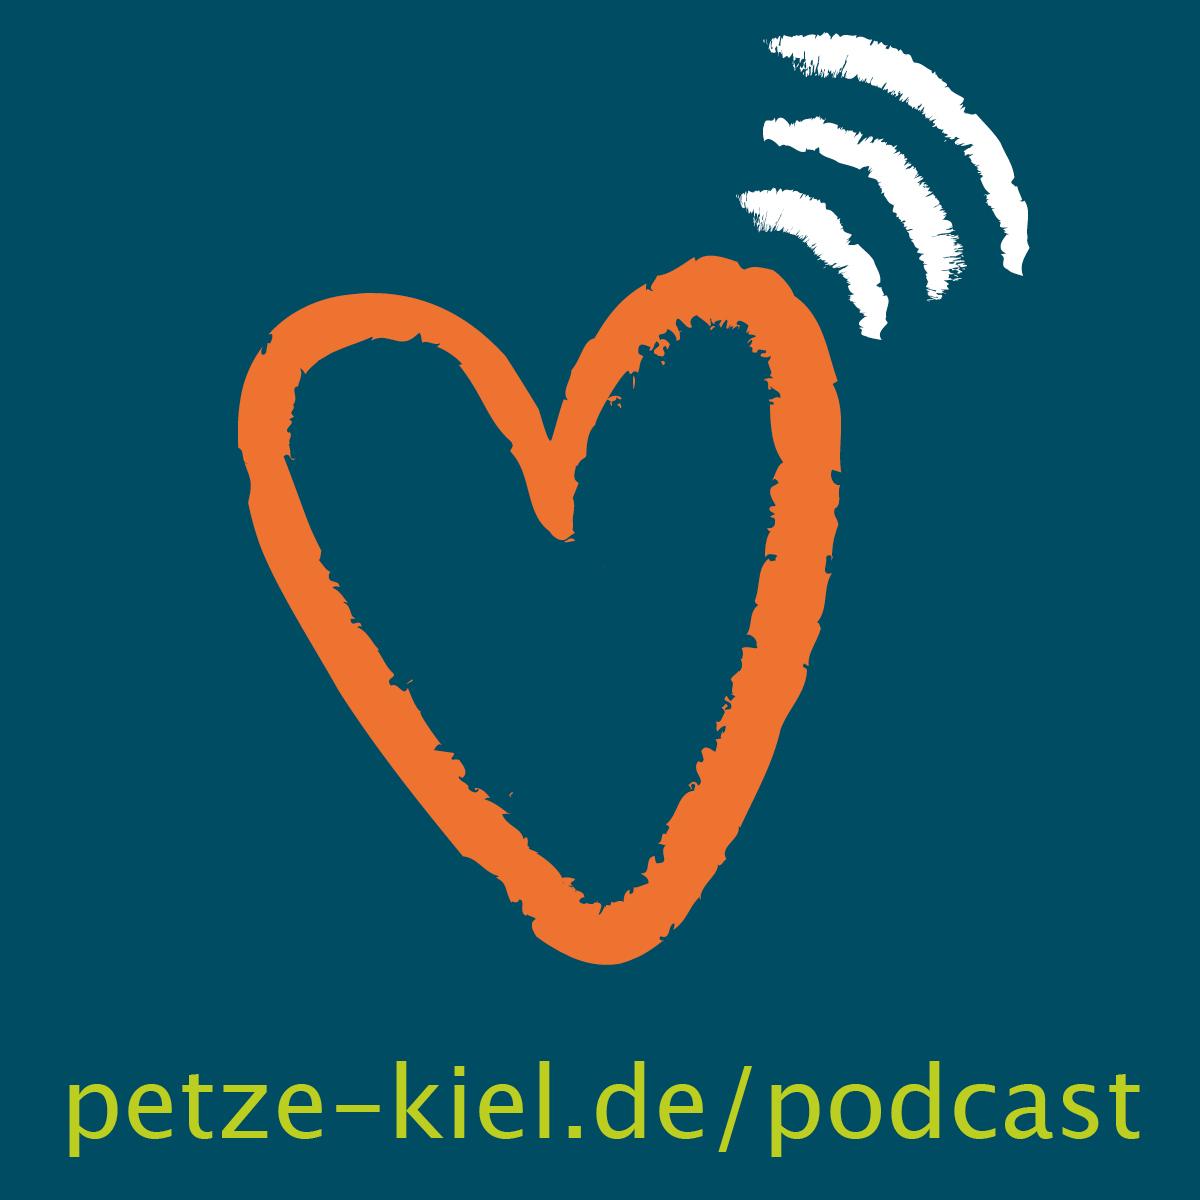 ECHT Schwer-in-Ordnung – der Präventionspodcast aus der bunten Welt der PETZE